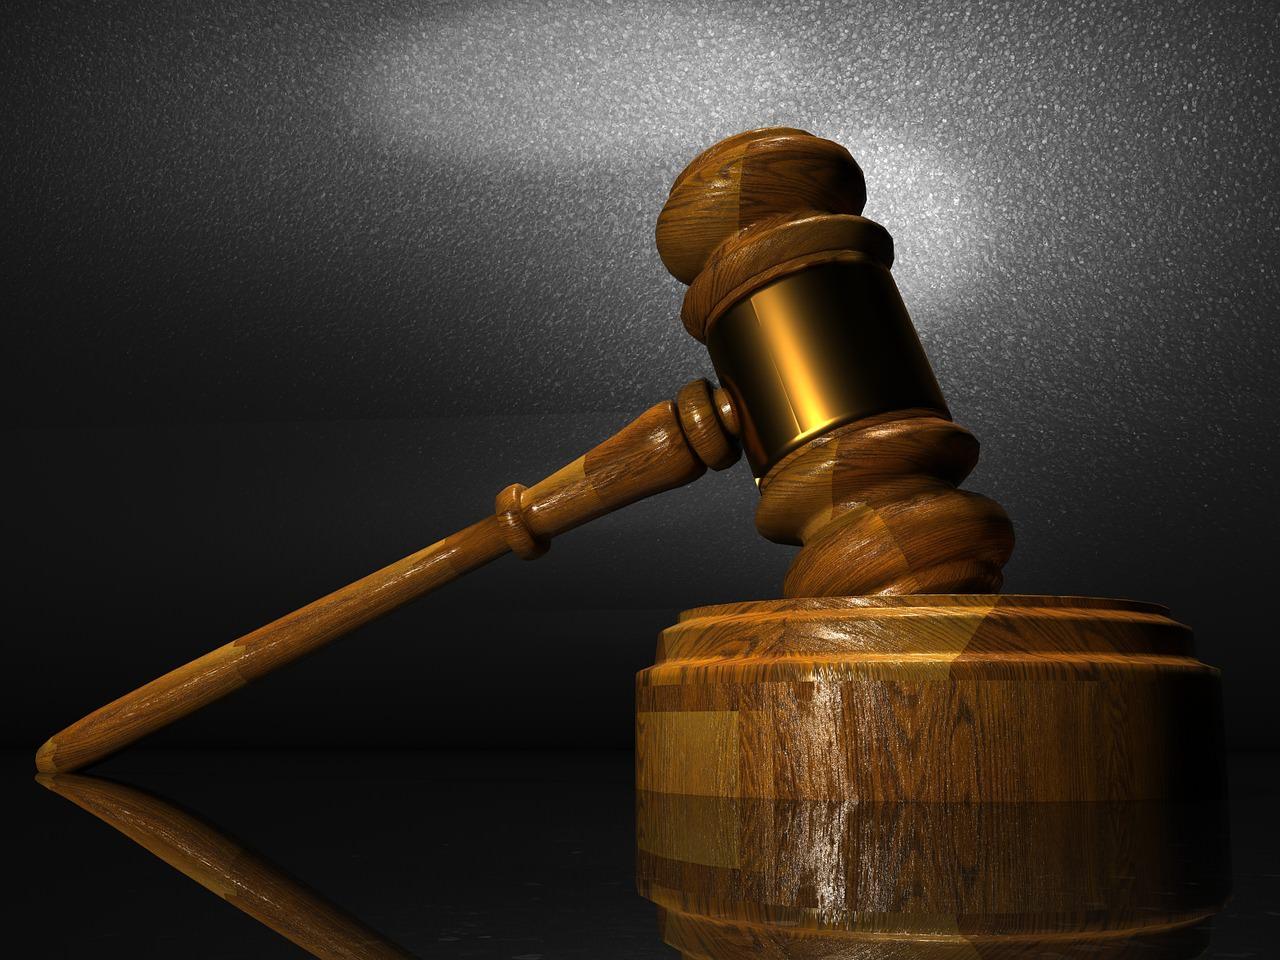 Trovato in auto con una bimba, prete condannato a 4 anni e 4 mesi per pedofilia